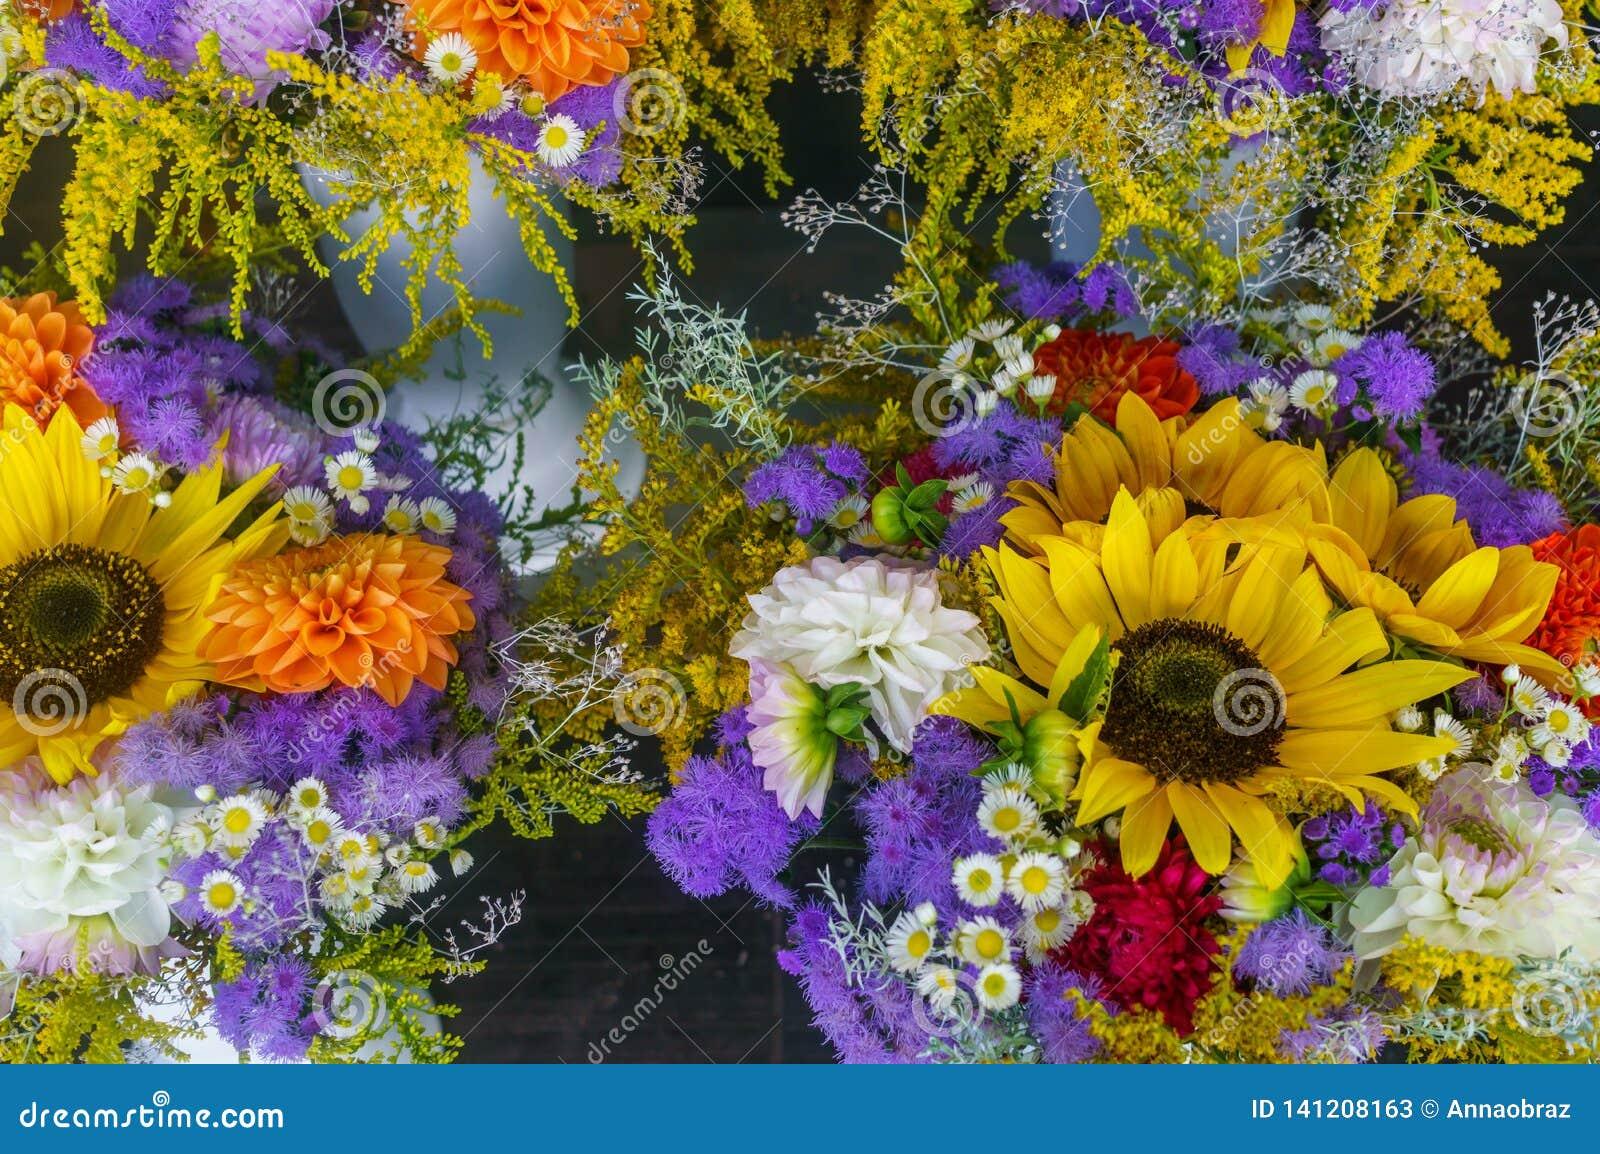 Nahaufnahme eines bunten Blumenstraußes der verschiedenen Blumen